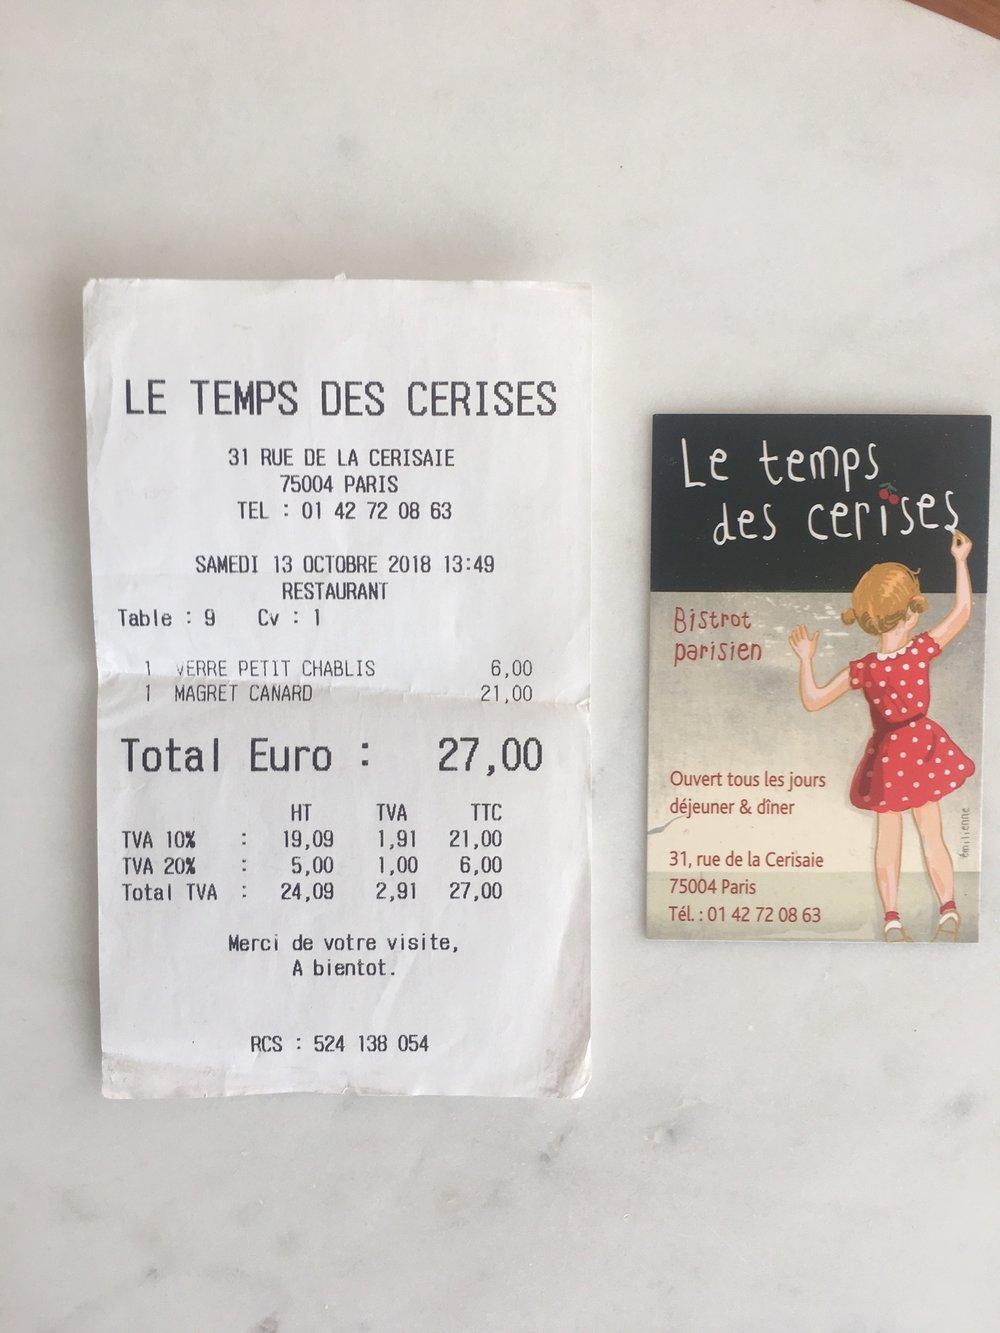 le temps des cerises bistro parisien paris france